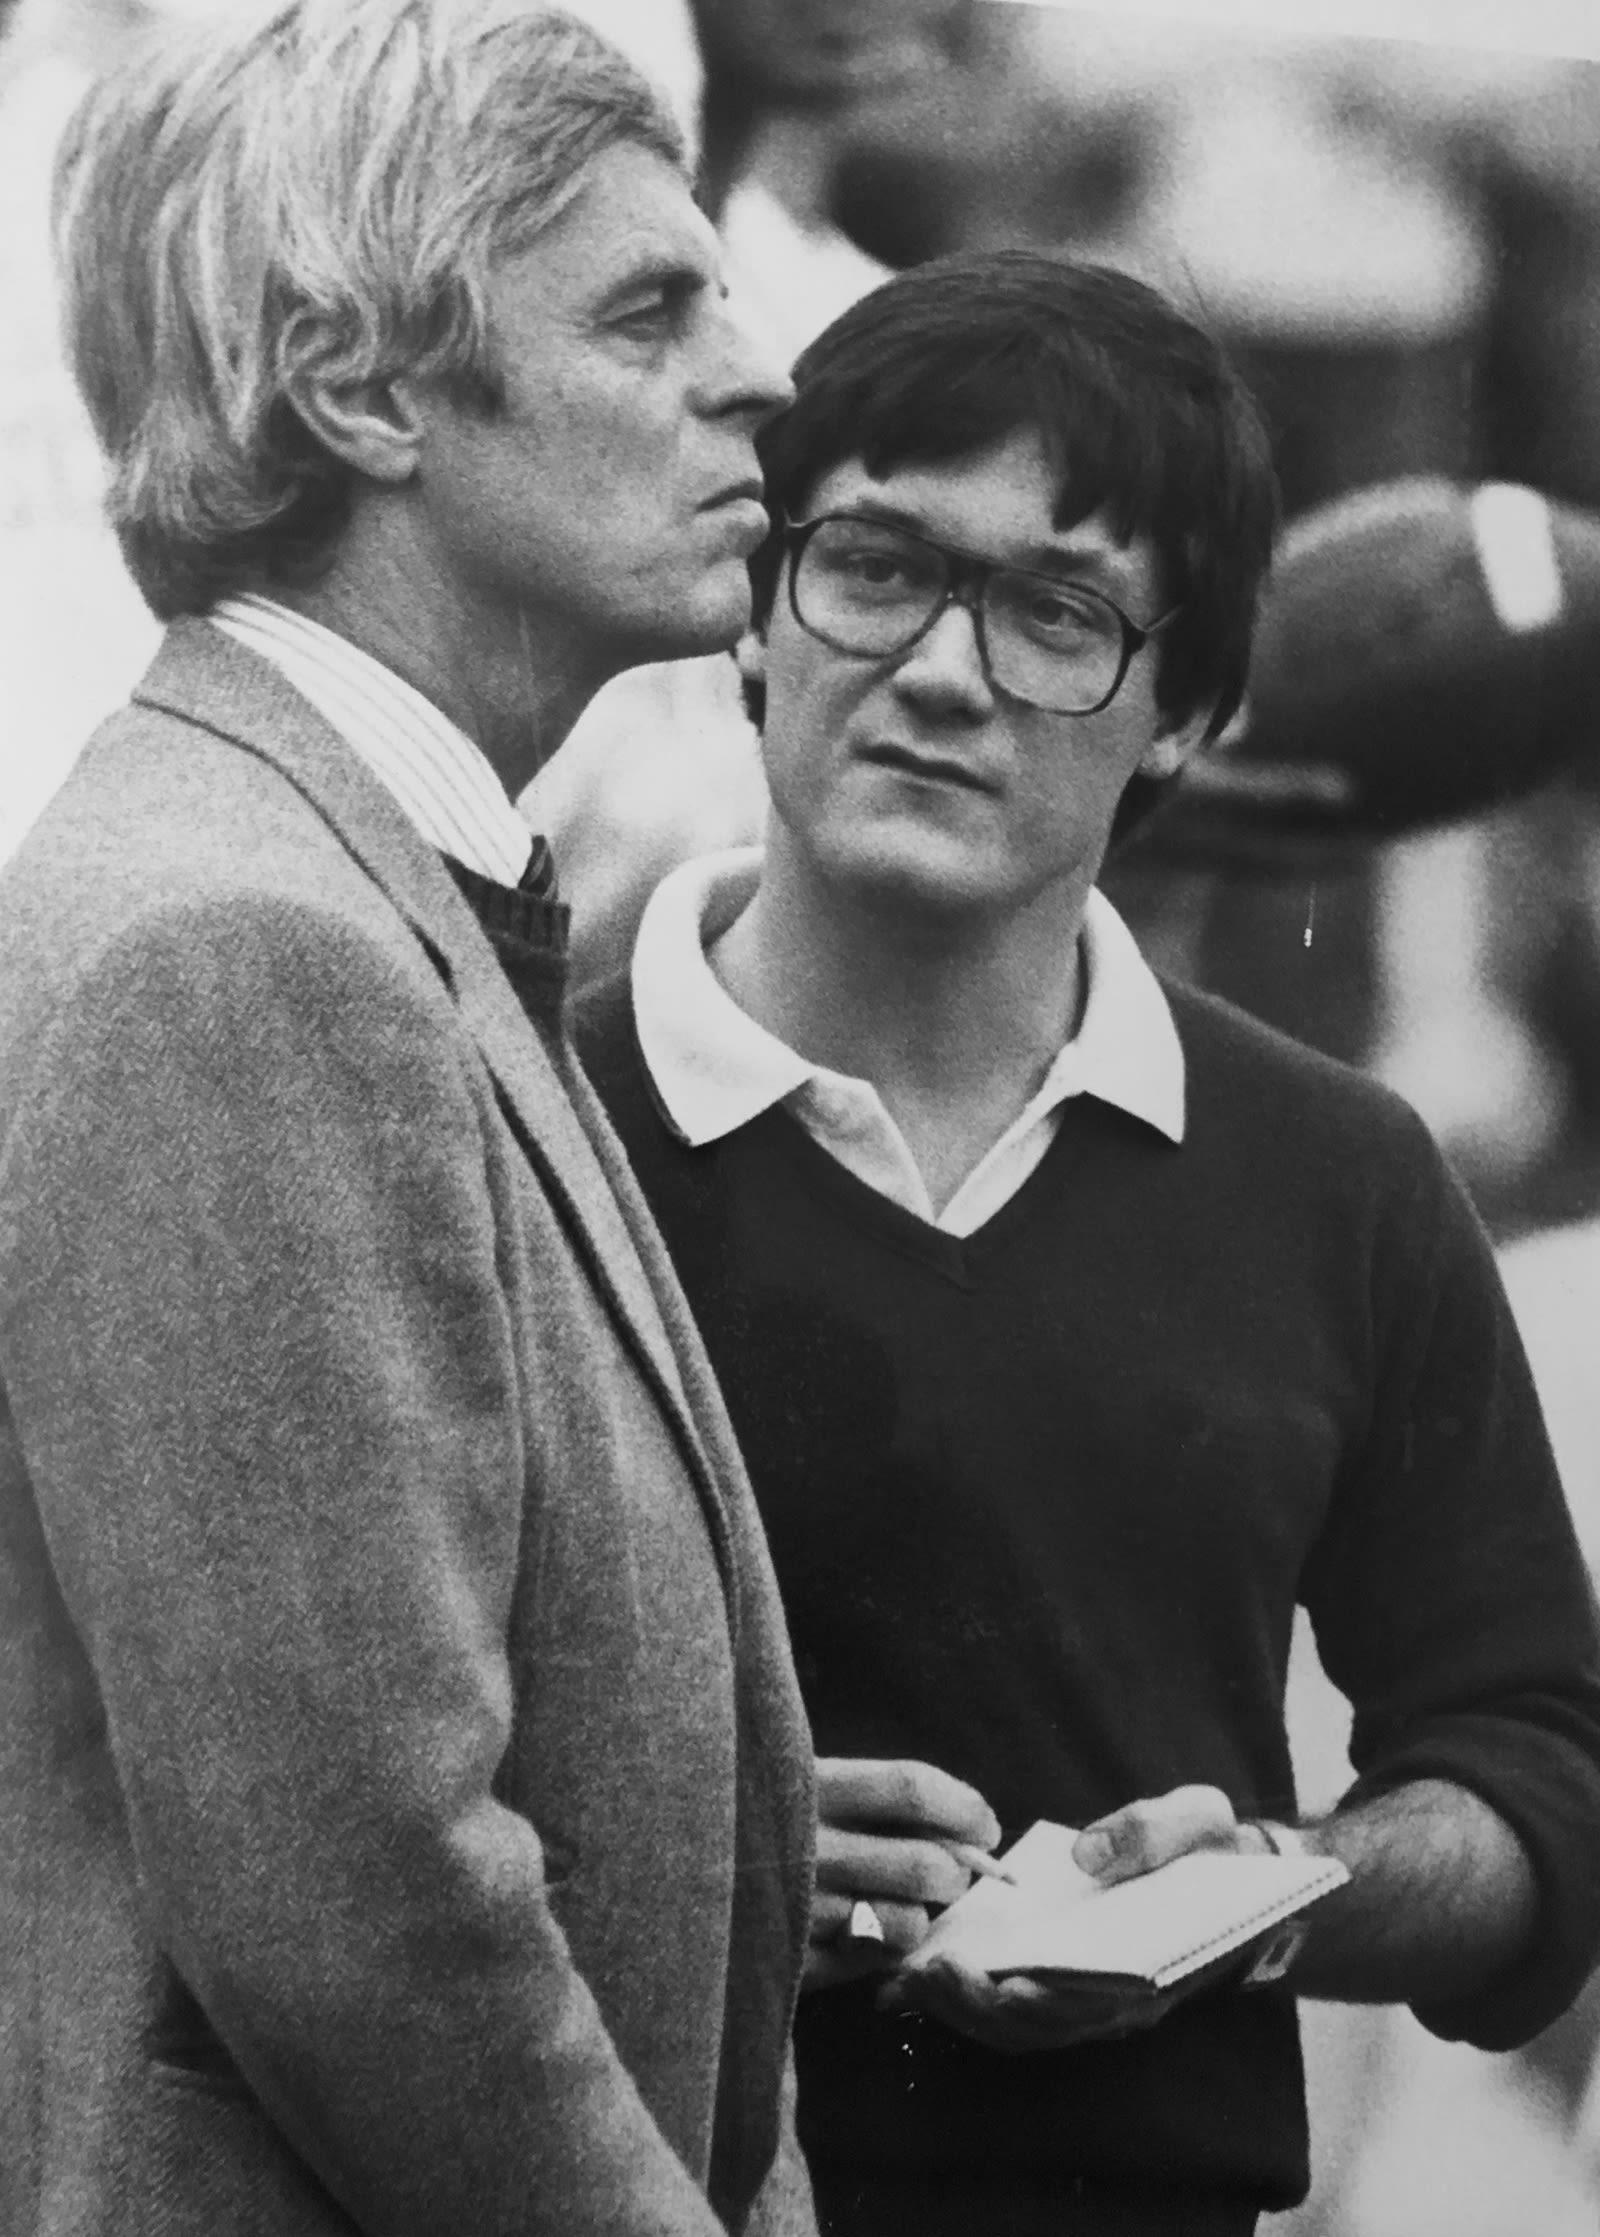 Bill fields in 1982 with legendary journalist George Plimpton.